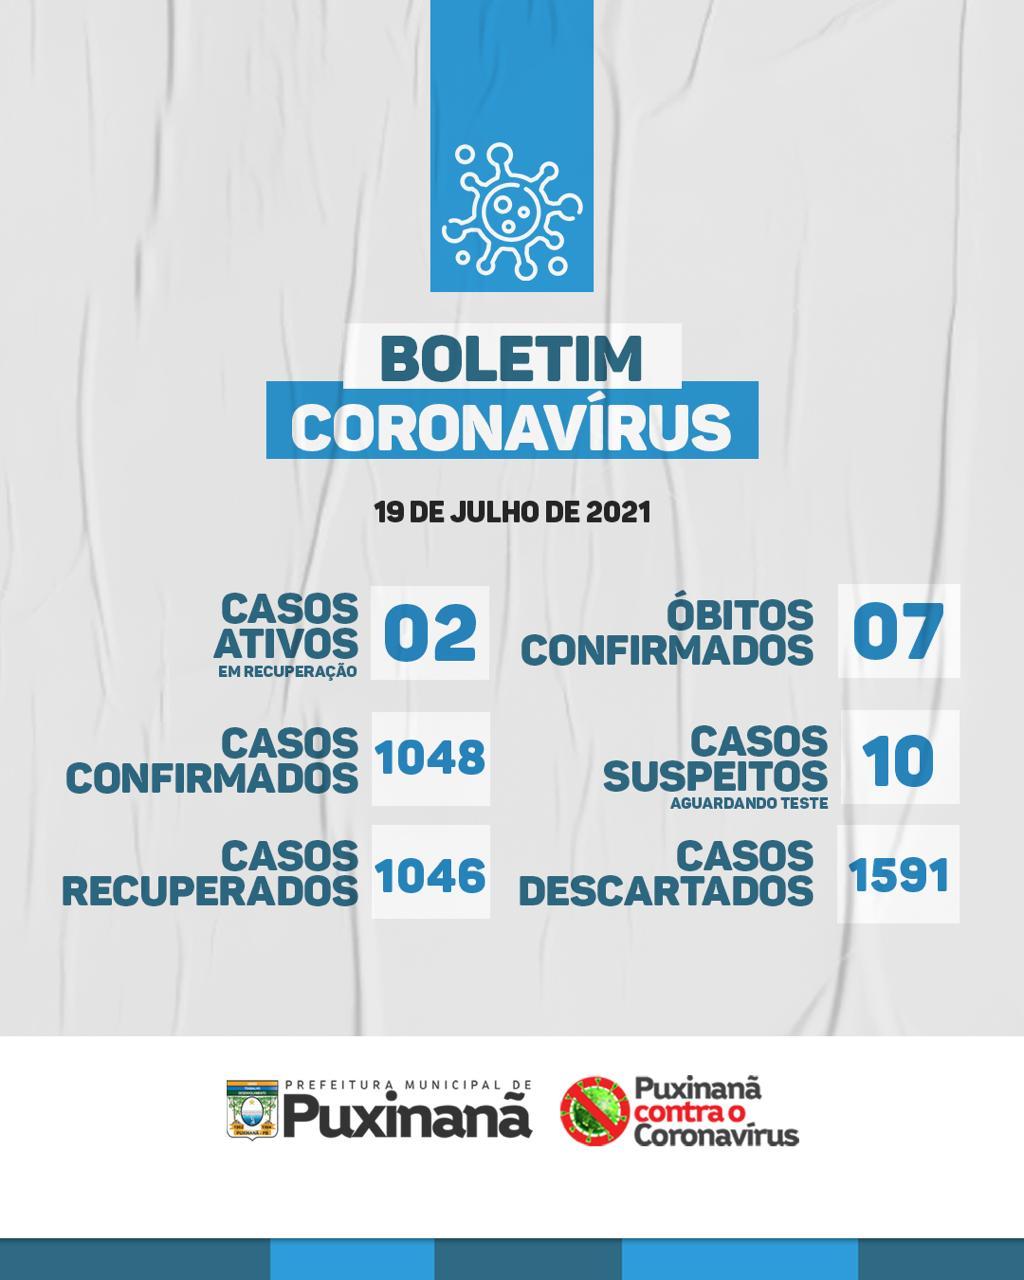 Boletim epidemiológico atualizado, em: 19/07/2021